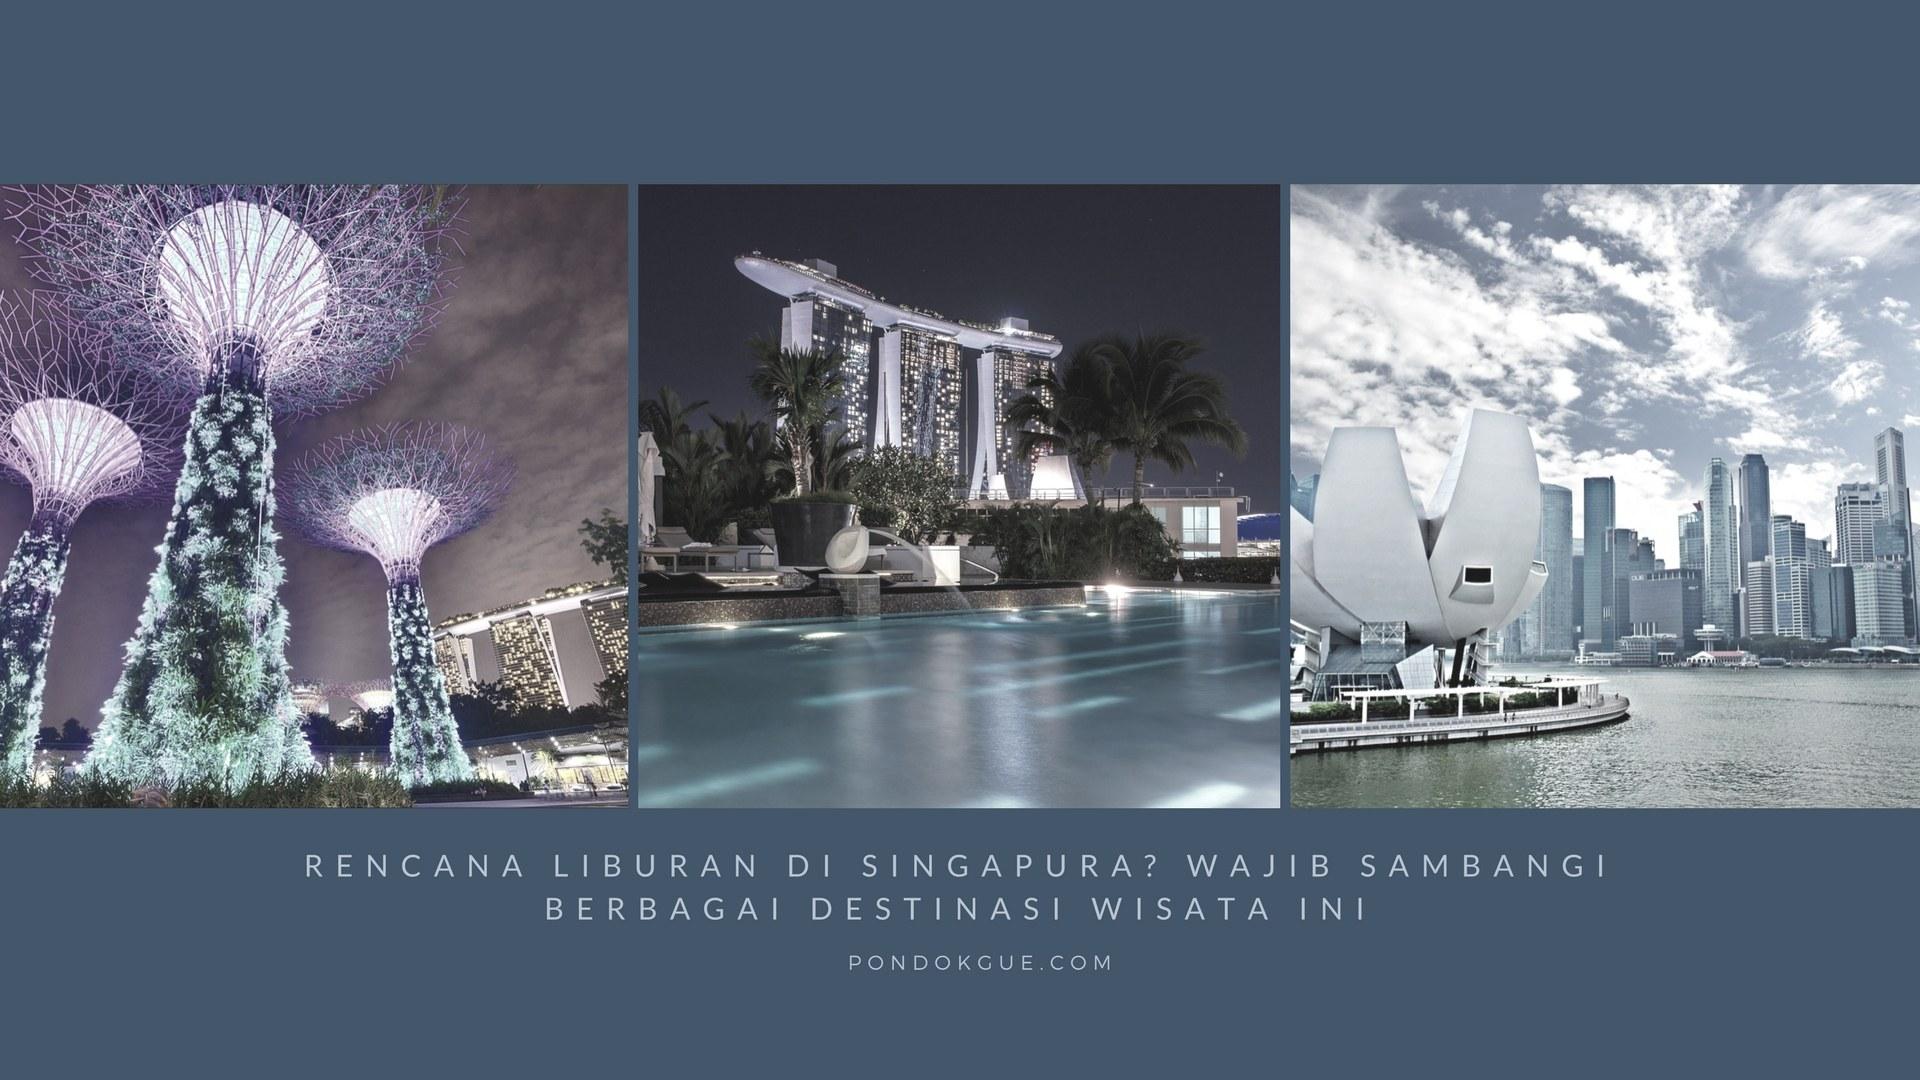 Rencana Liburan Di Singapura_ Wajib Sambangi Berbagai Destinasi Wisata Ini